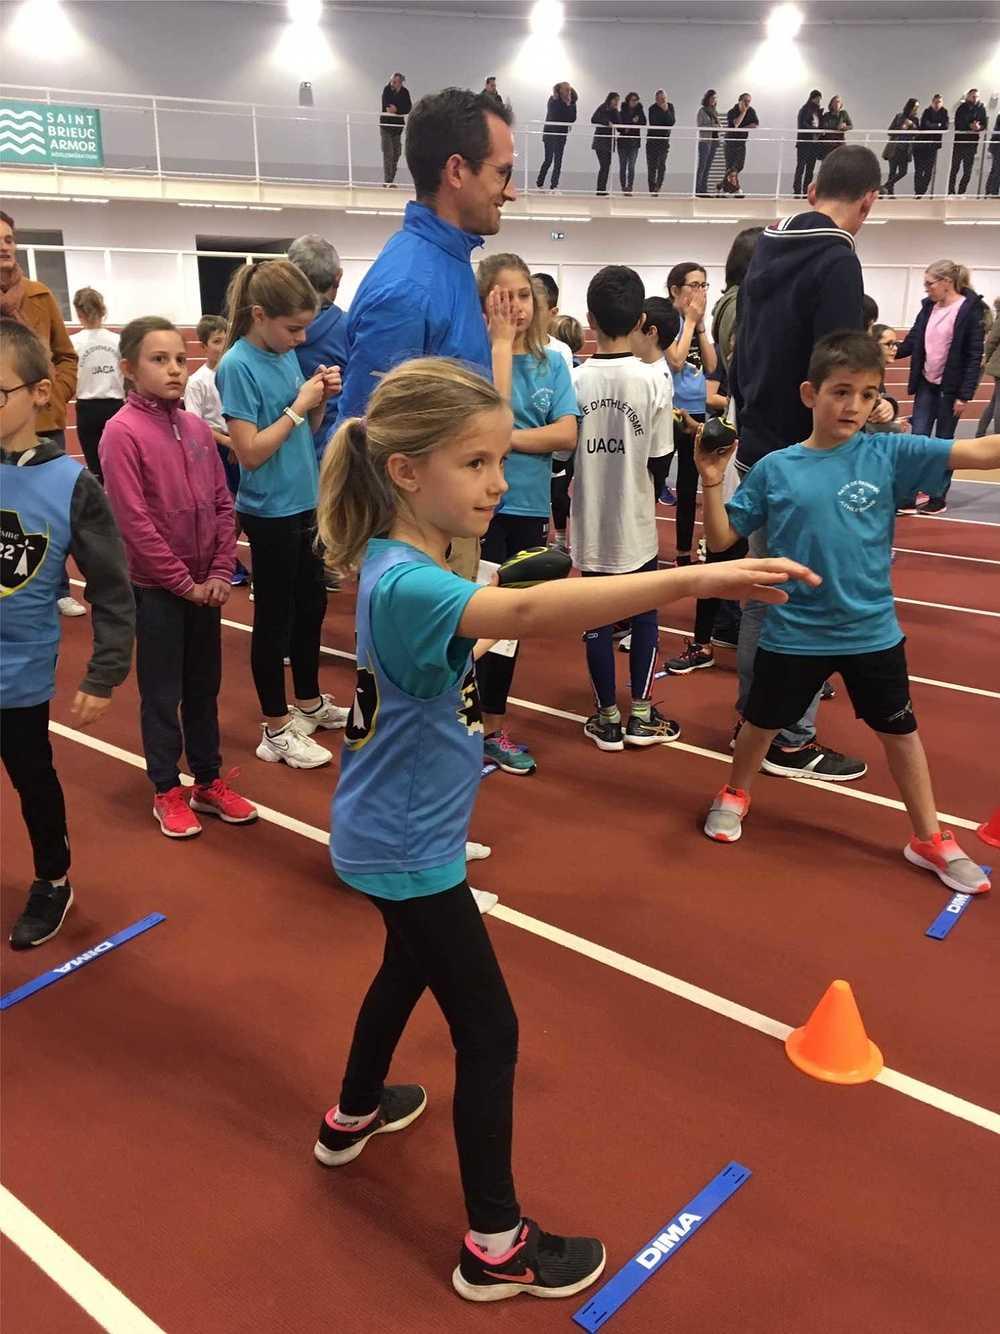 JSP Athlétisme : photos de la rencontre départementale image2